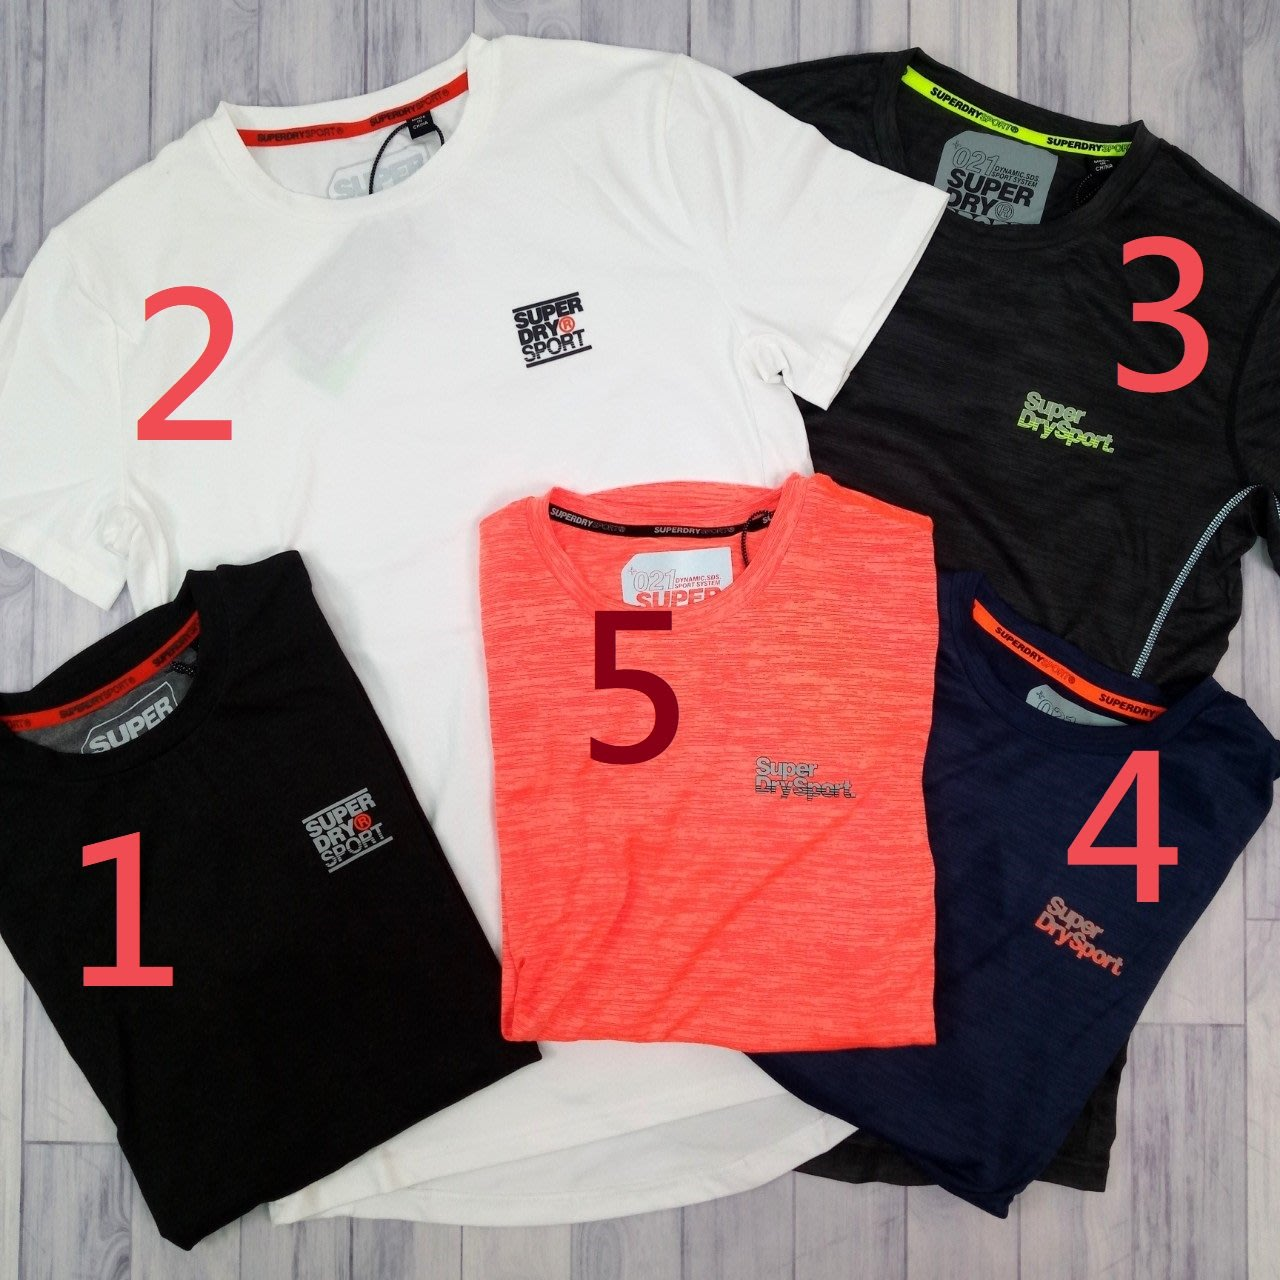 ⚡運動 涼爽 CE4 多款 極度乾燥 前短後長 圓領 男版 superdry 短袖 短T 上衣 保證正品